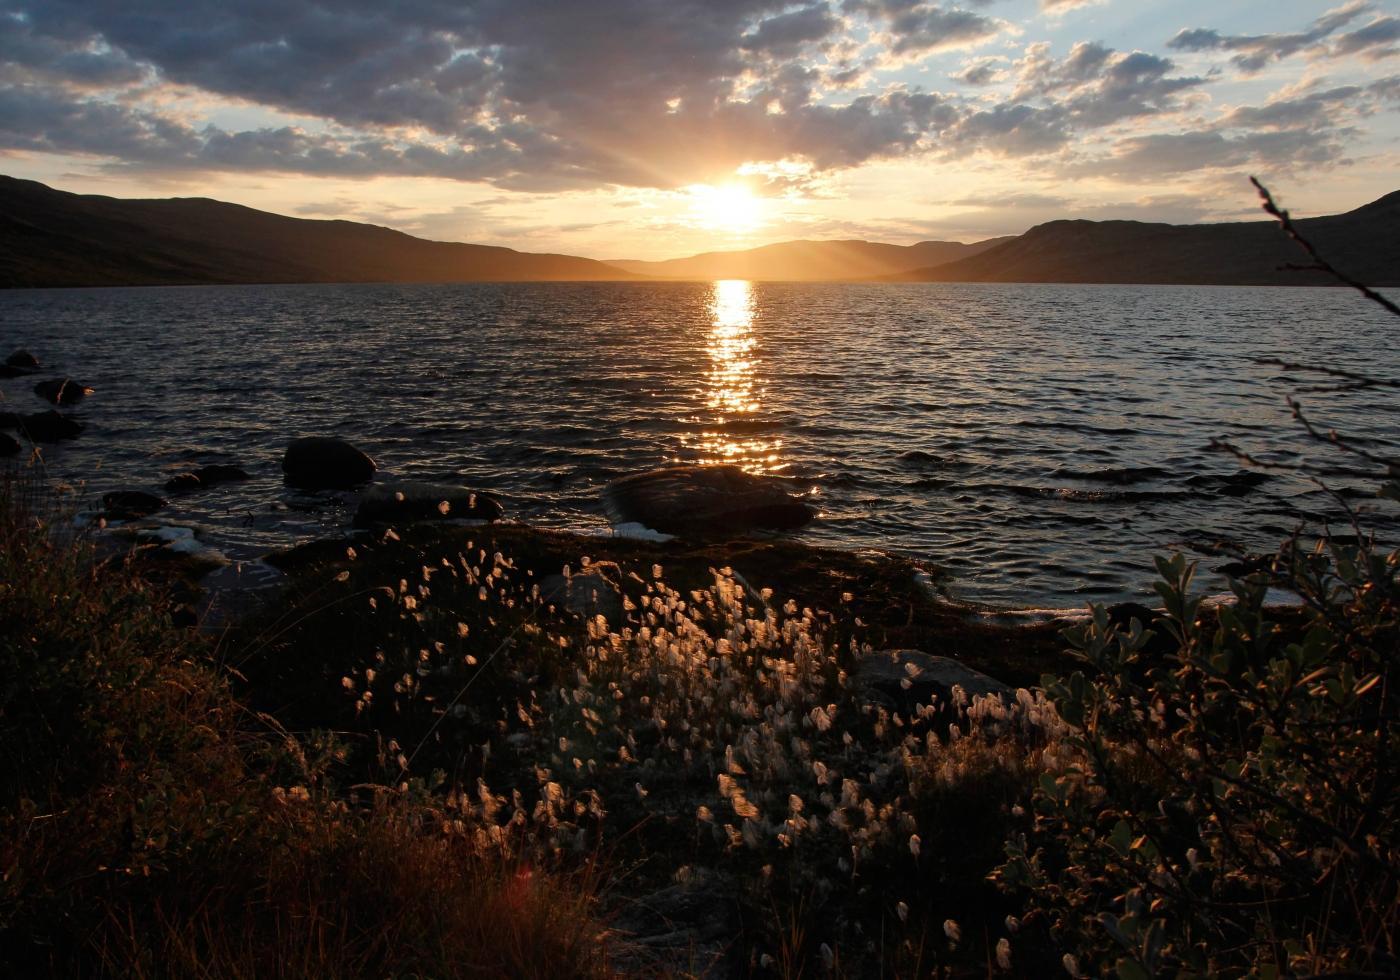 Beautiful sunset at Tasersuatsiaq. Photo by Filip Hanzak - Visit Greenland